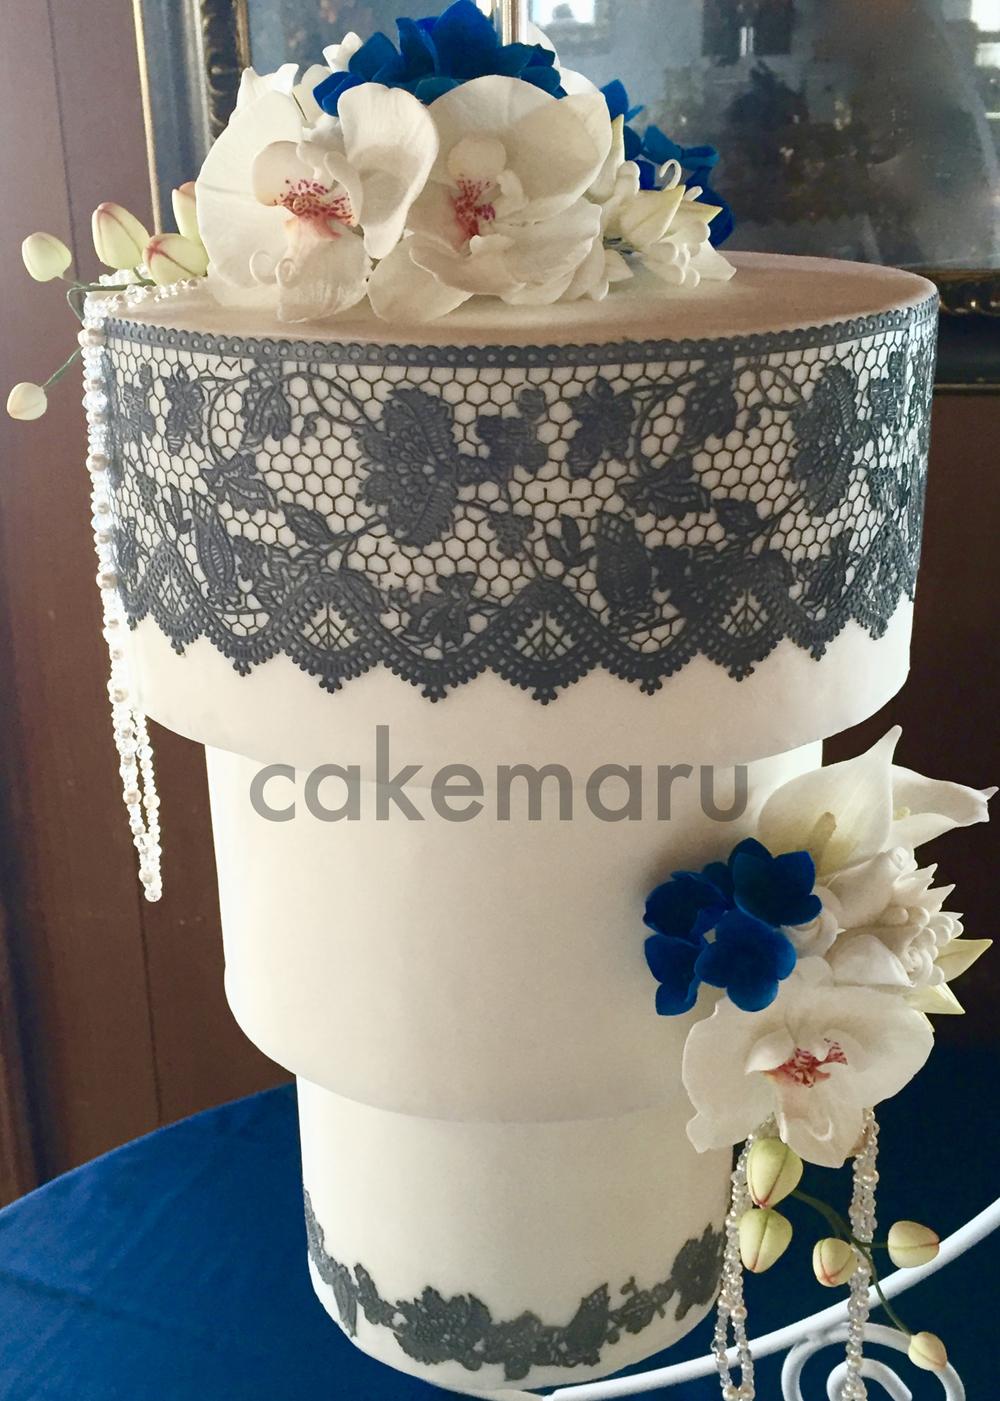 Chandelier Cake 2.jpg